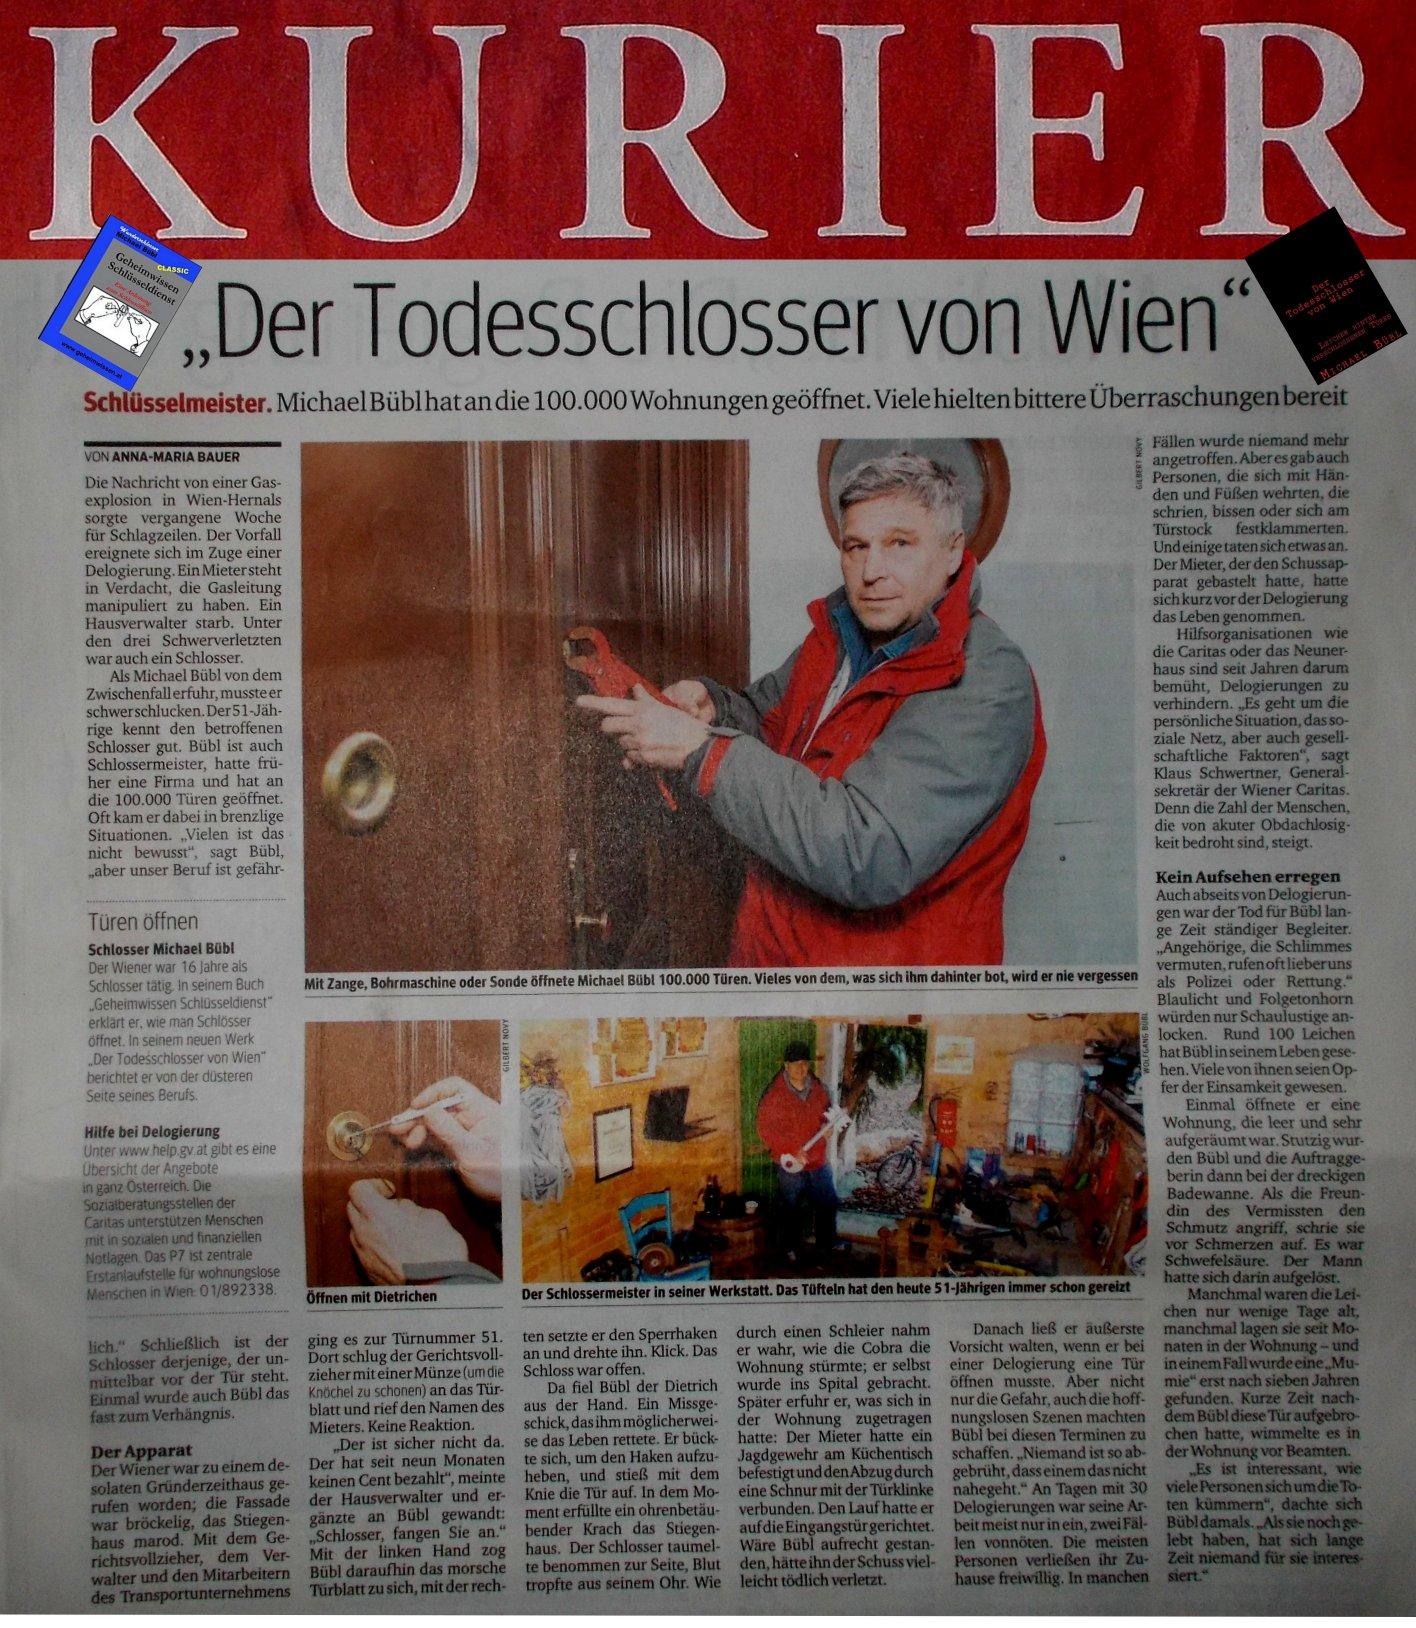 Ein fantastischer Bericht in einer der meist gelesenen Zeitungen Österreichs, im KURIER